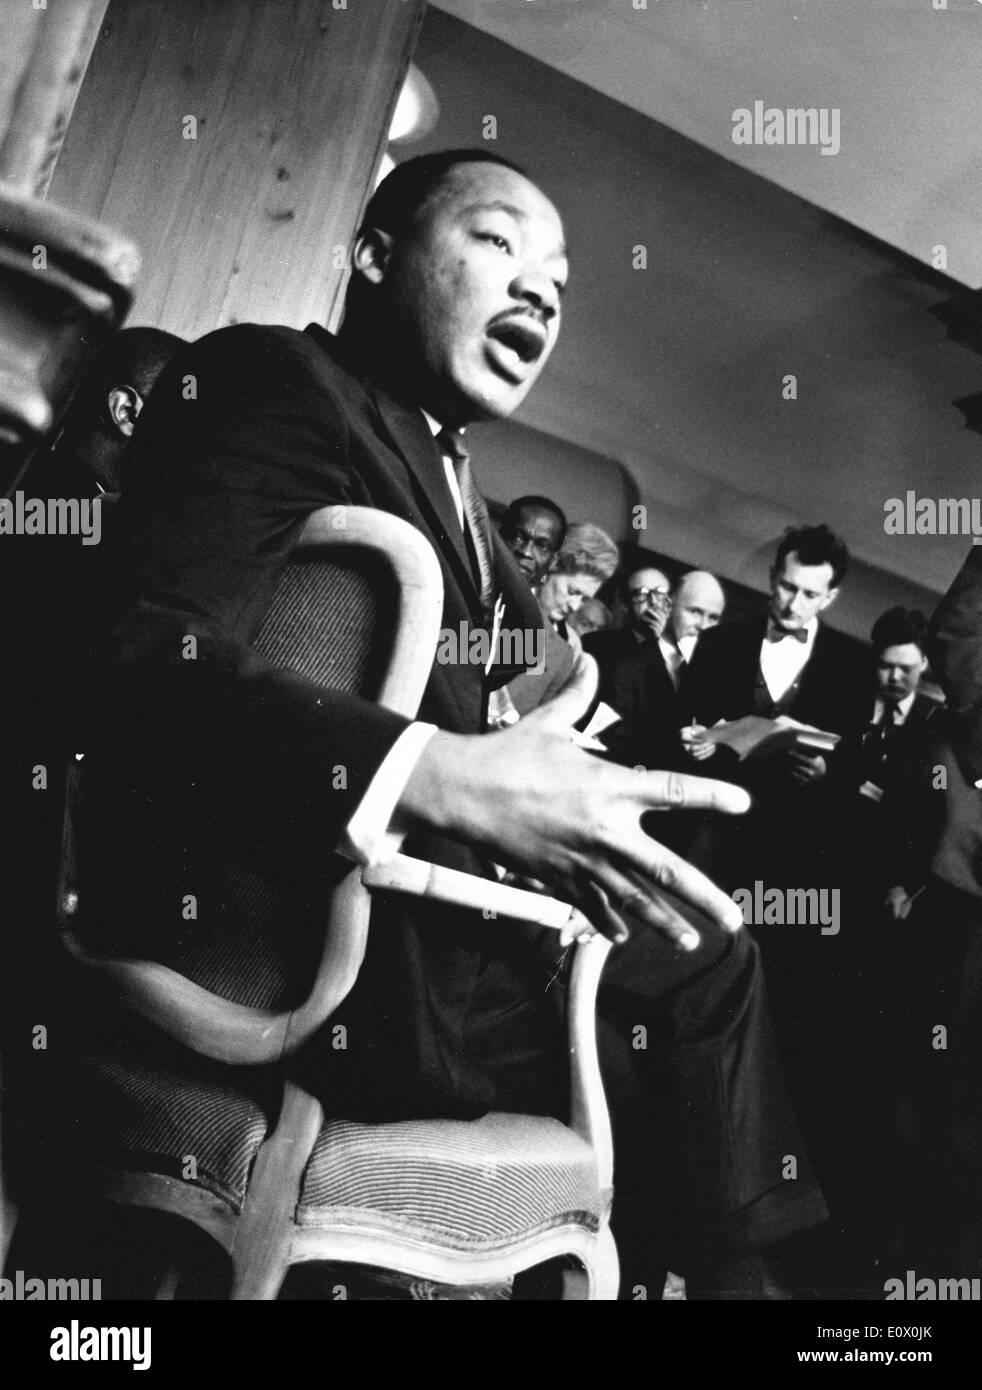 Martin Luther King Jr. dans une chaise parlant à Londres Banque D'Images